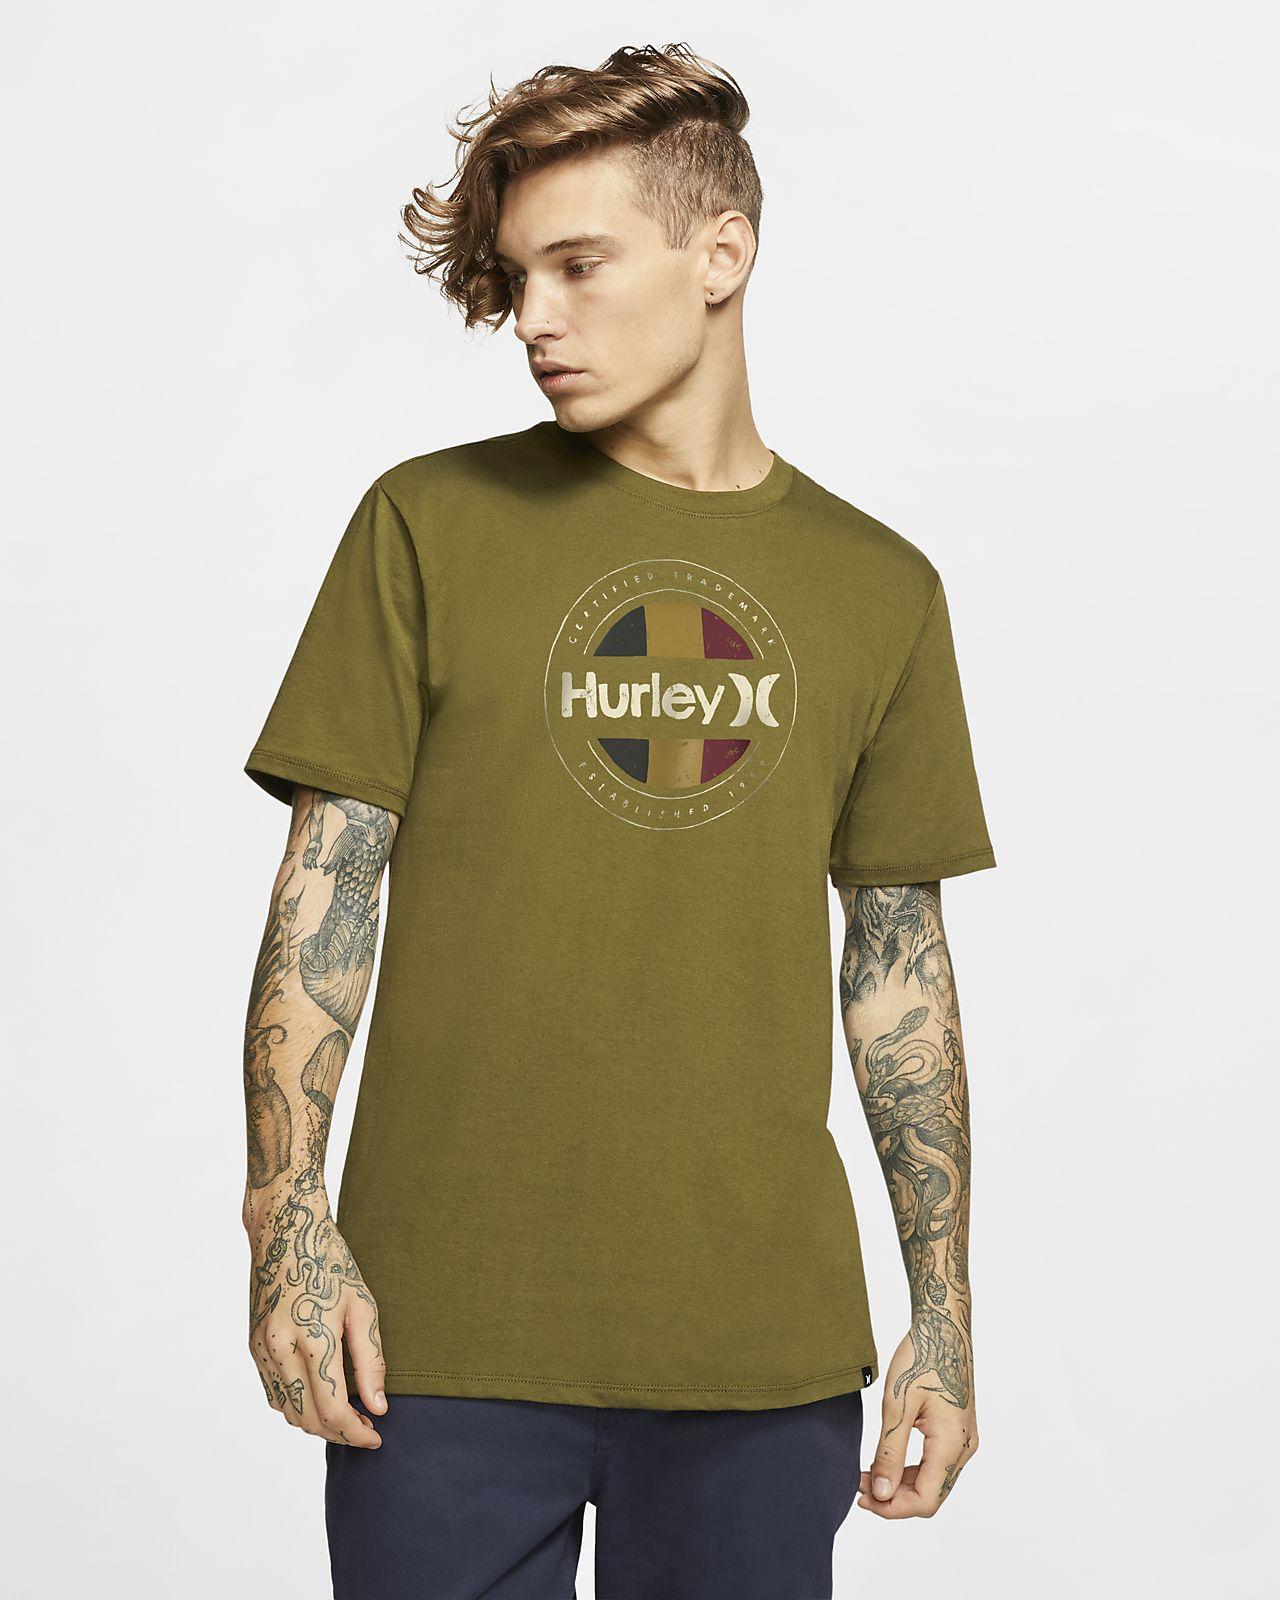 Hurley Premium Resistance-Premium Fit T-shirt til mænd